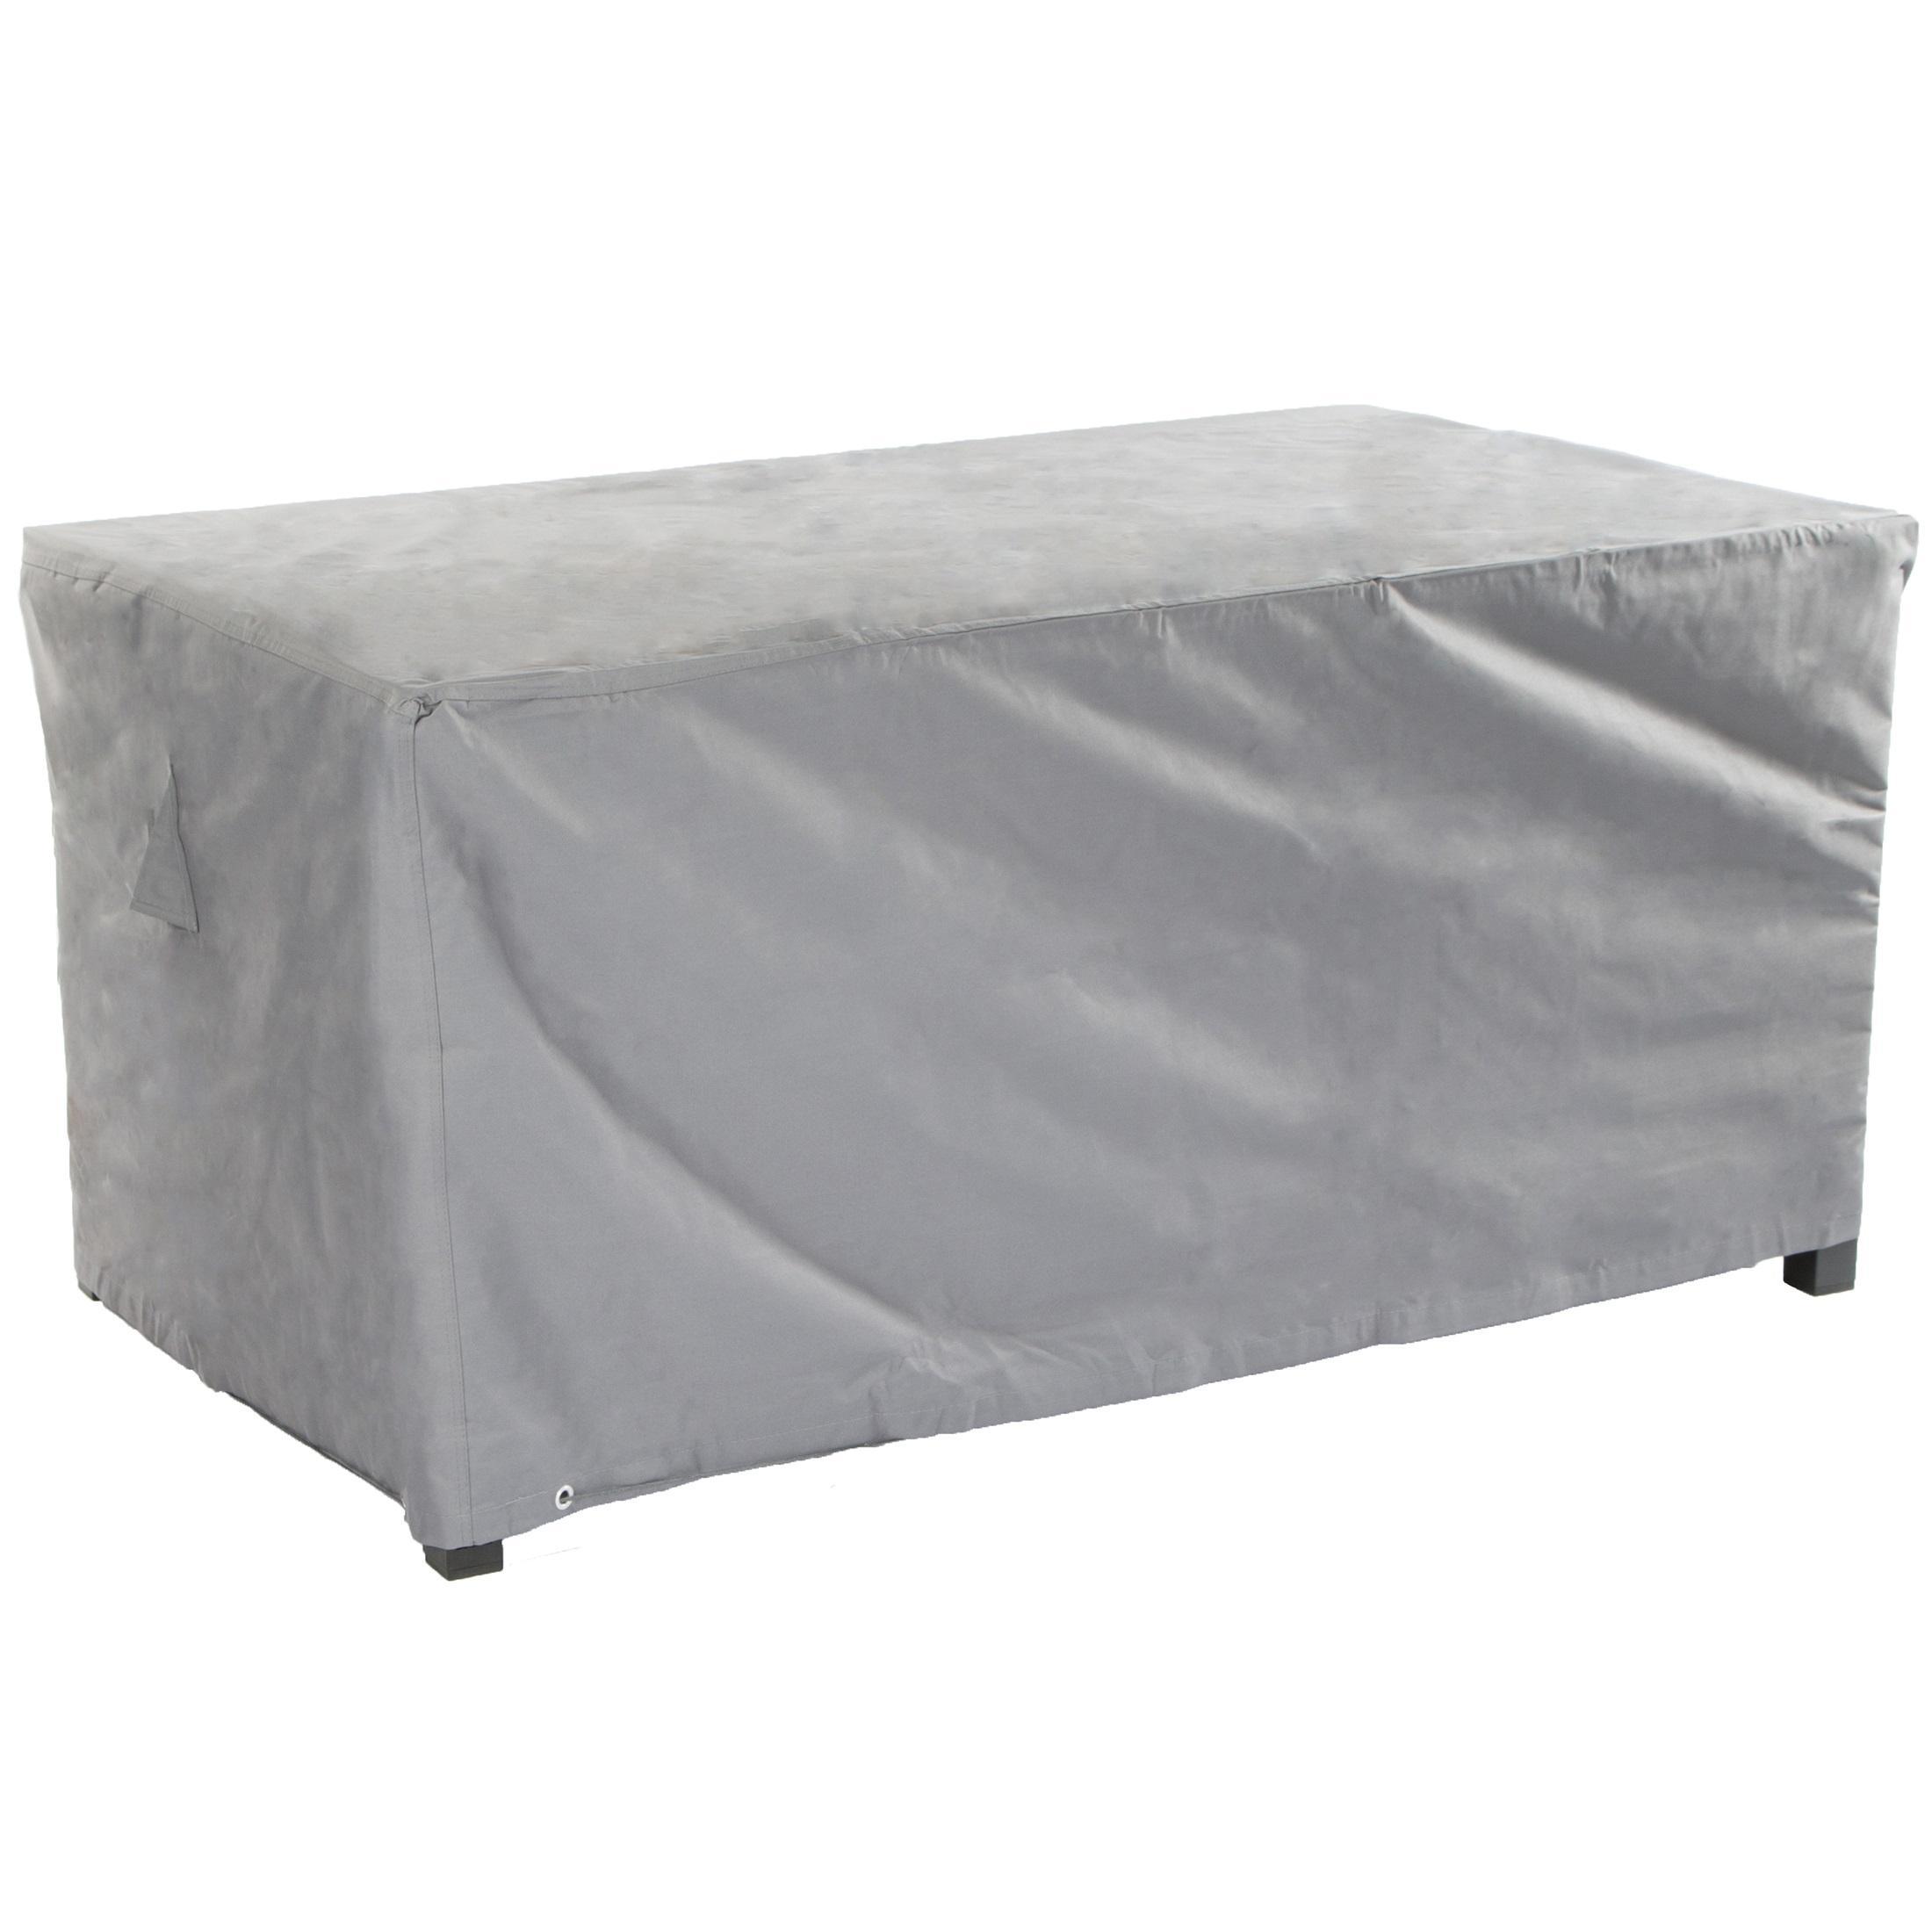 Ultranatura Housse De Protection Textile Sylt Pour Table